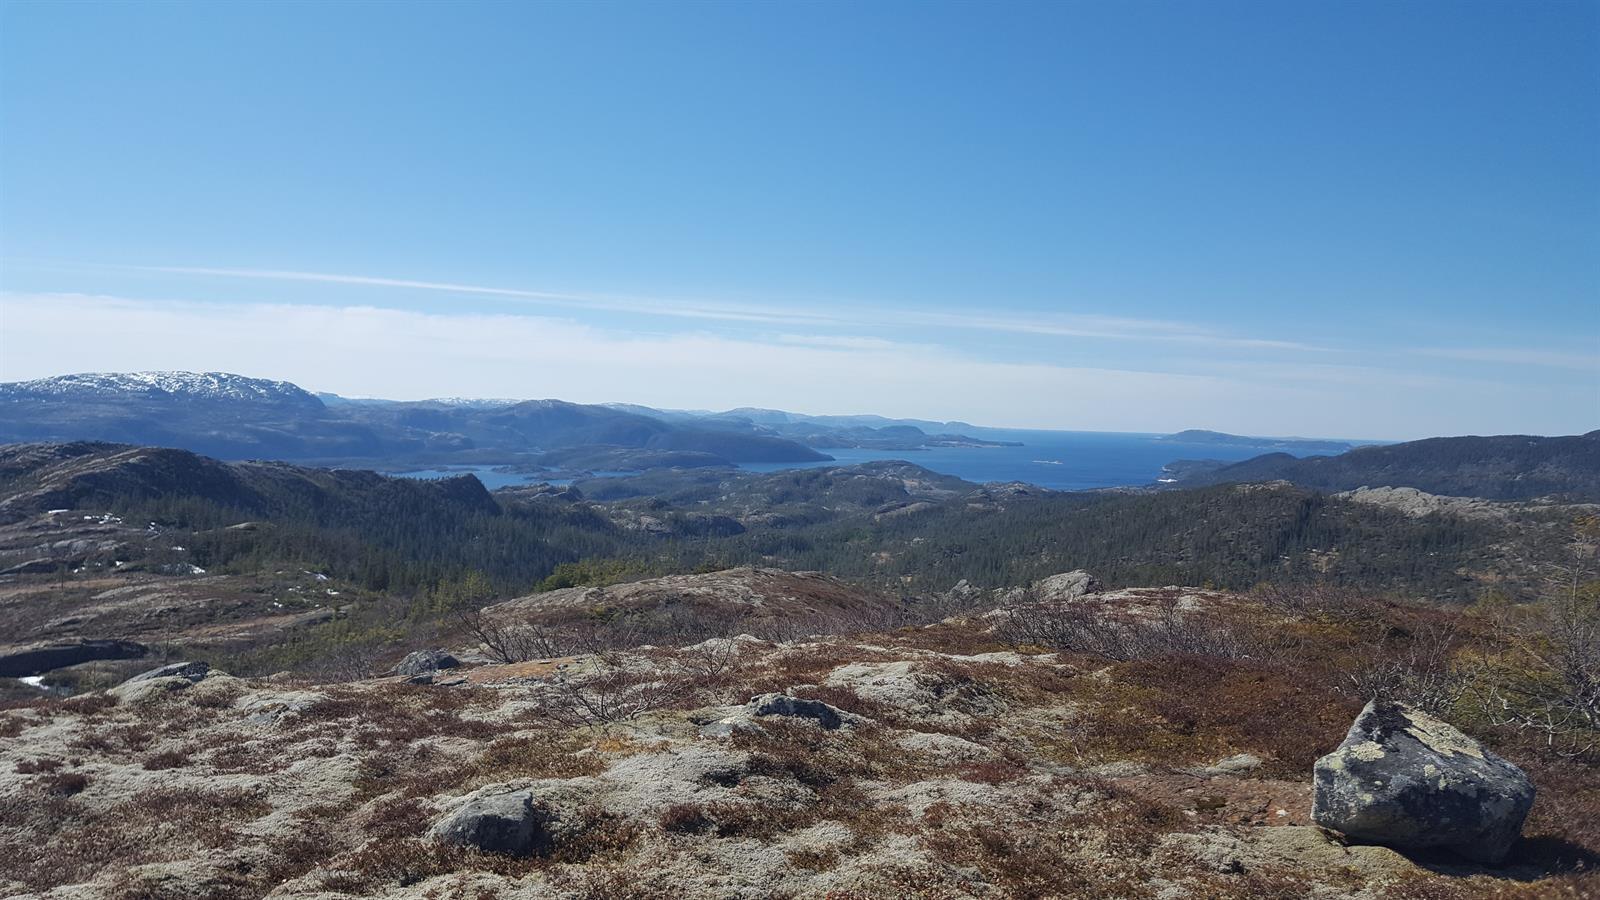 Turforslag: Lepptinden 358 moh, Salsbruket